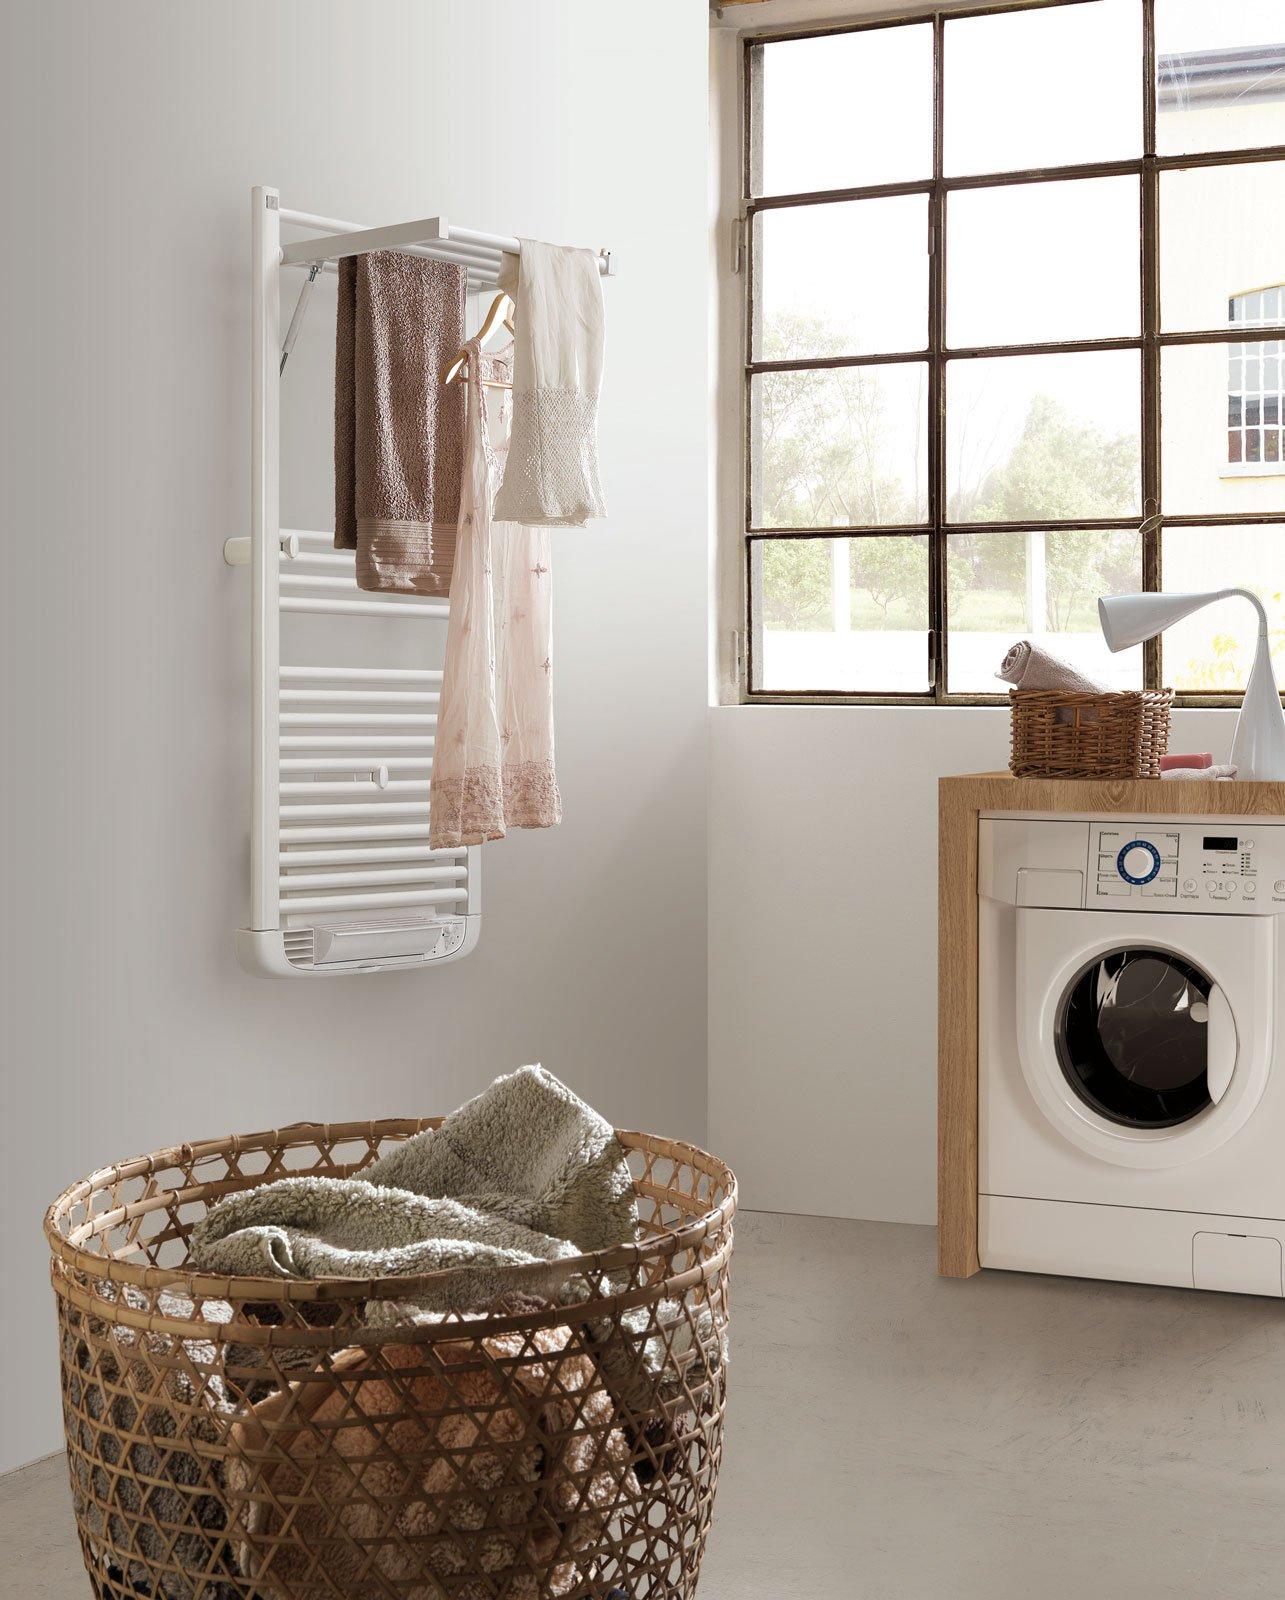 dryer plus di deltacalor nasce come scaldasalviette ma diventa un ampio stendi e asciugabiancheria grazie